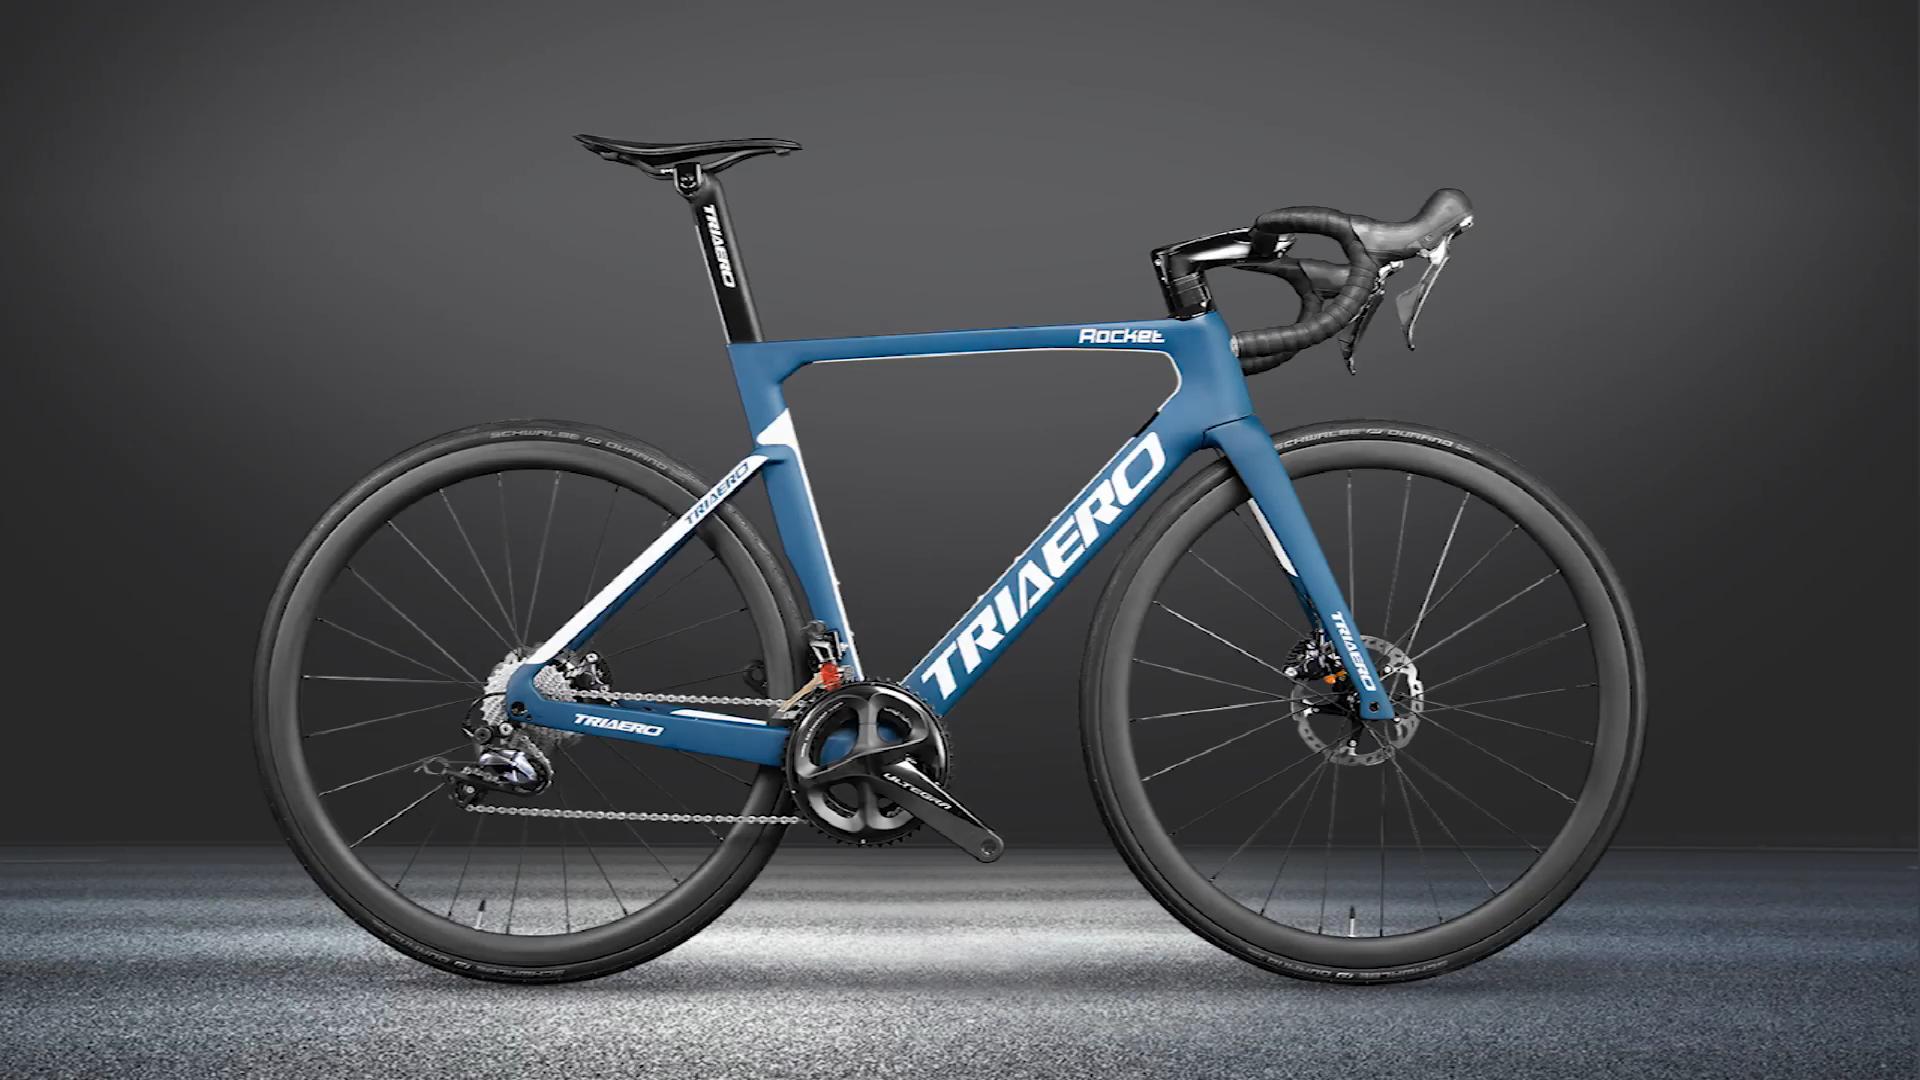 חדש דיסק בלם פחמן אופני כביש עם Etap AXS groupset